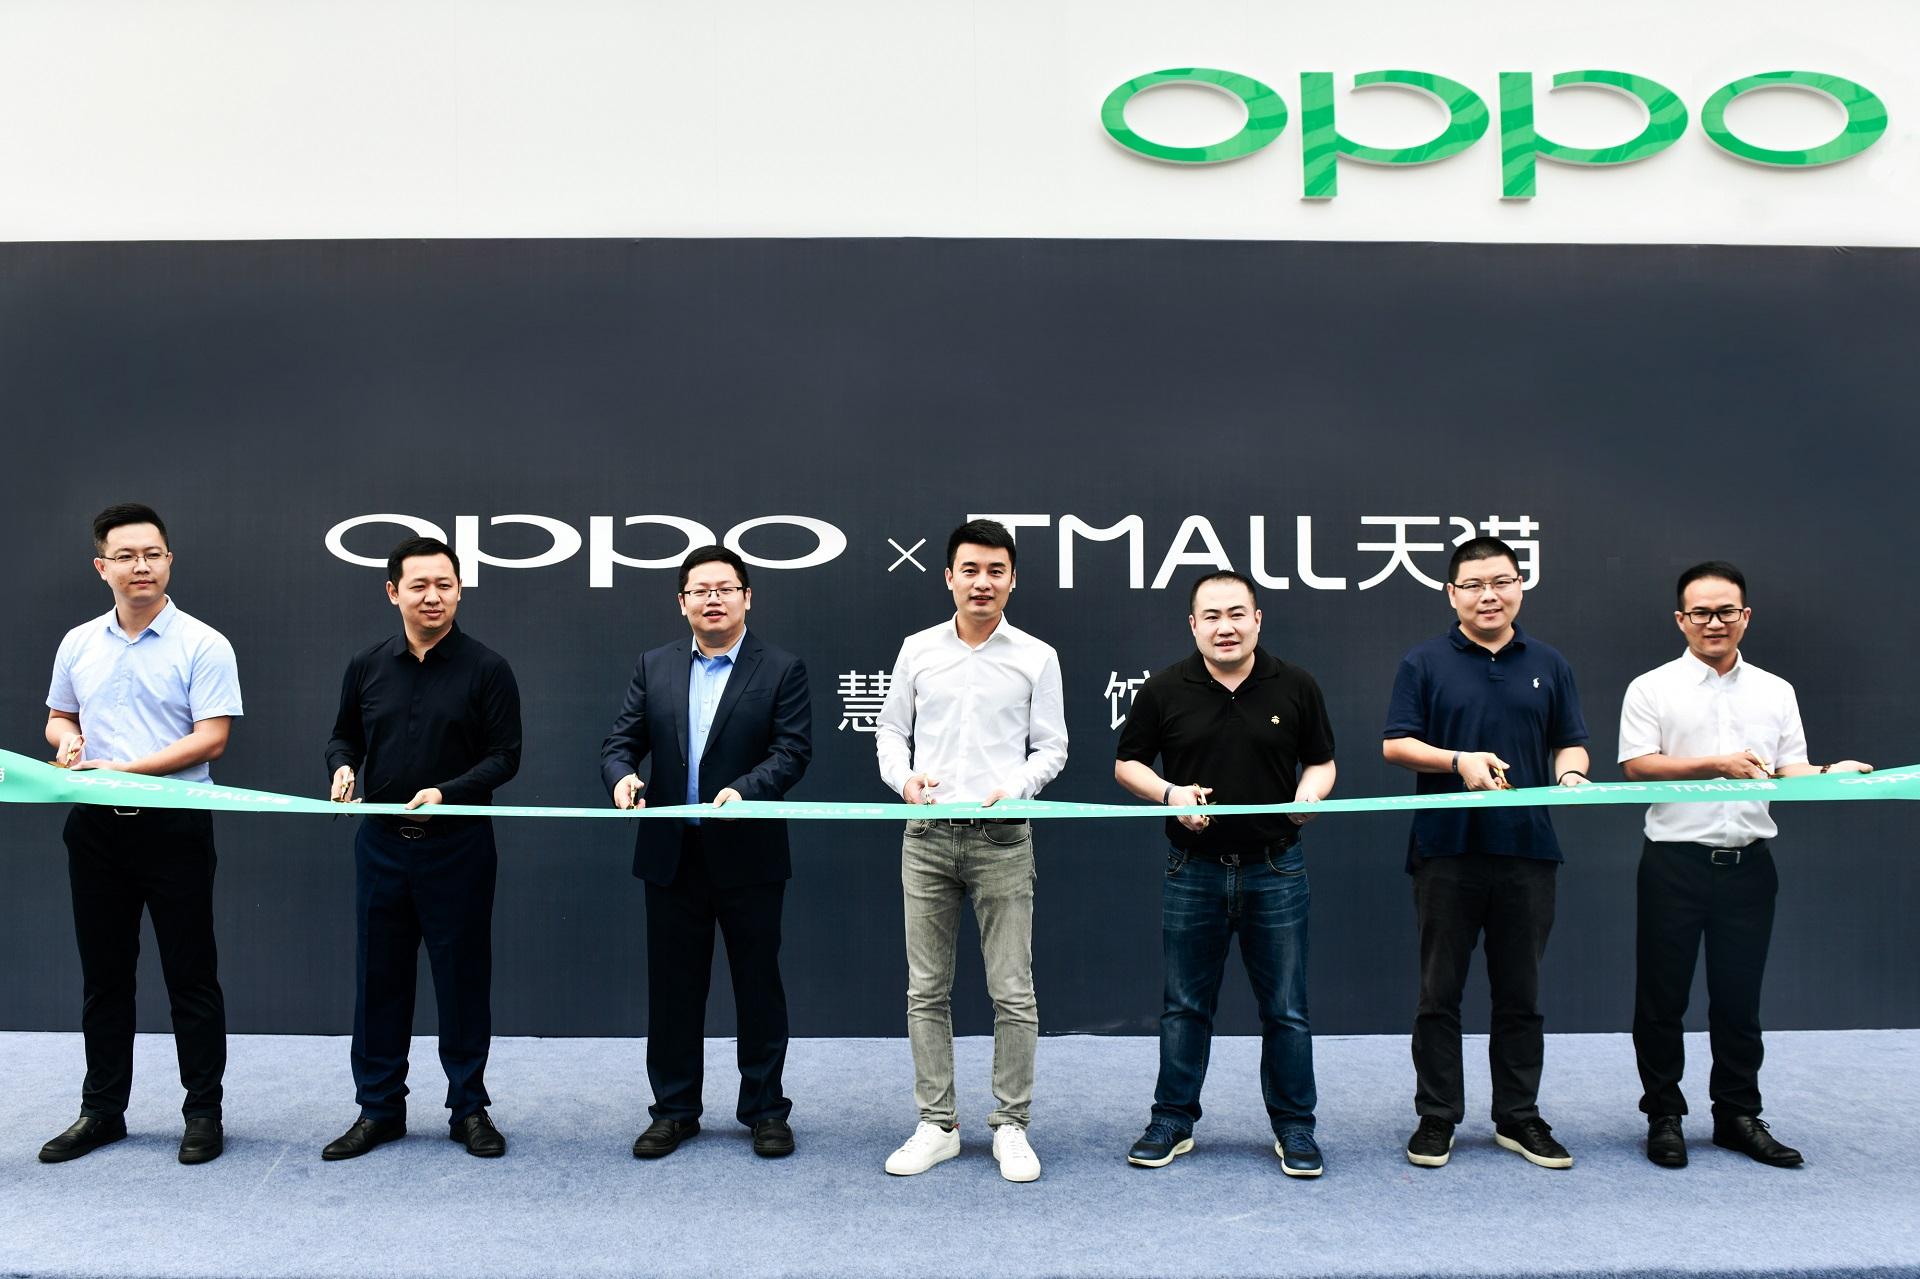 全国首家OPPO天猫智慧场馆落户广州 赋能共赢探索行业零售新模式